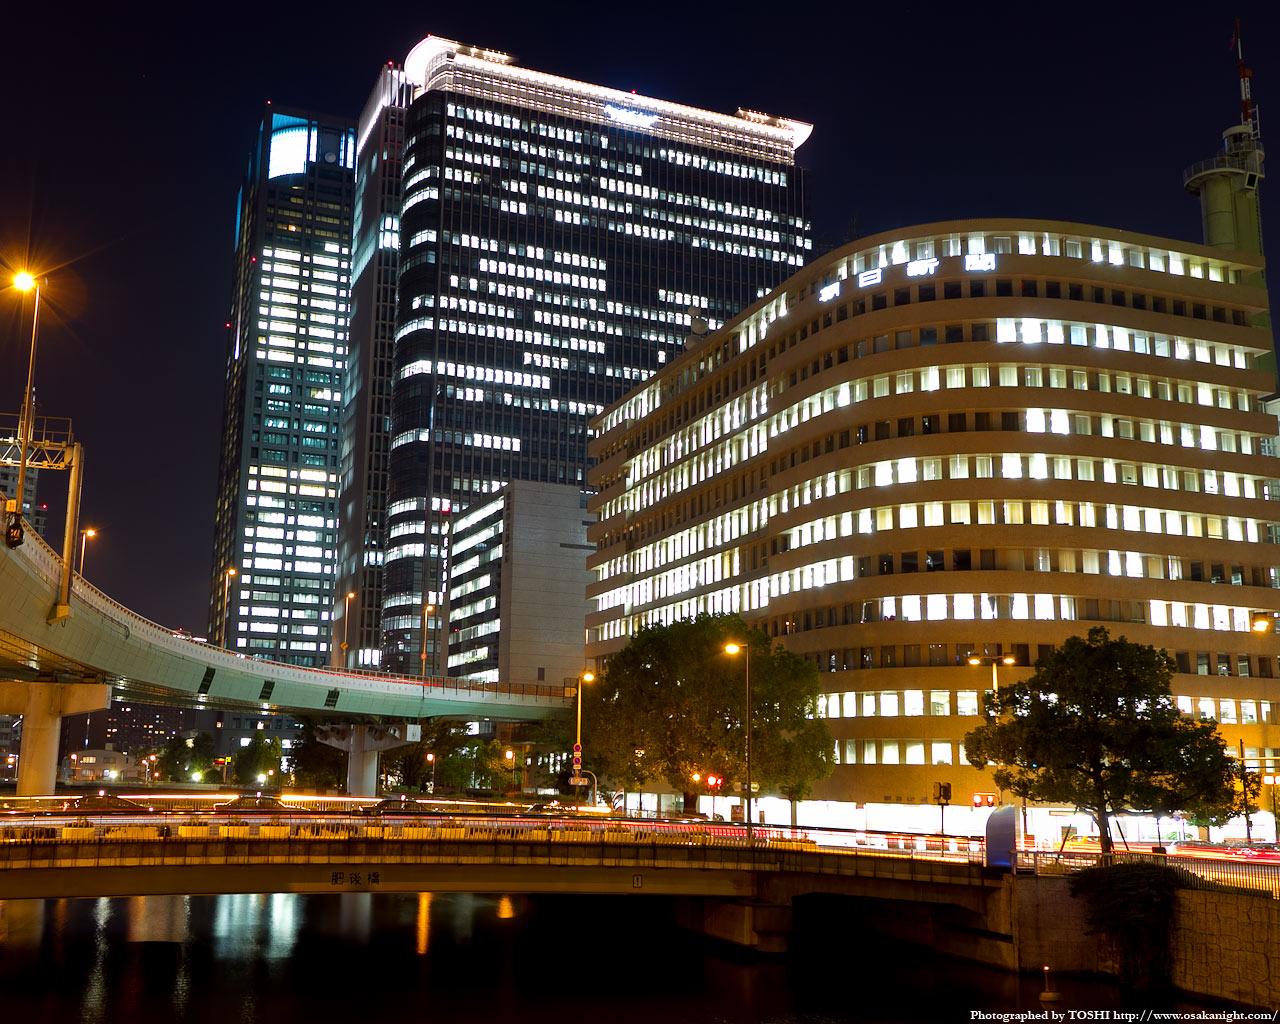 肥後橋と中之島3丁目の高層ビル群夜景3